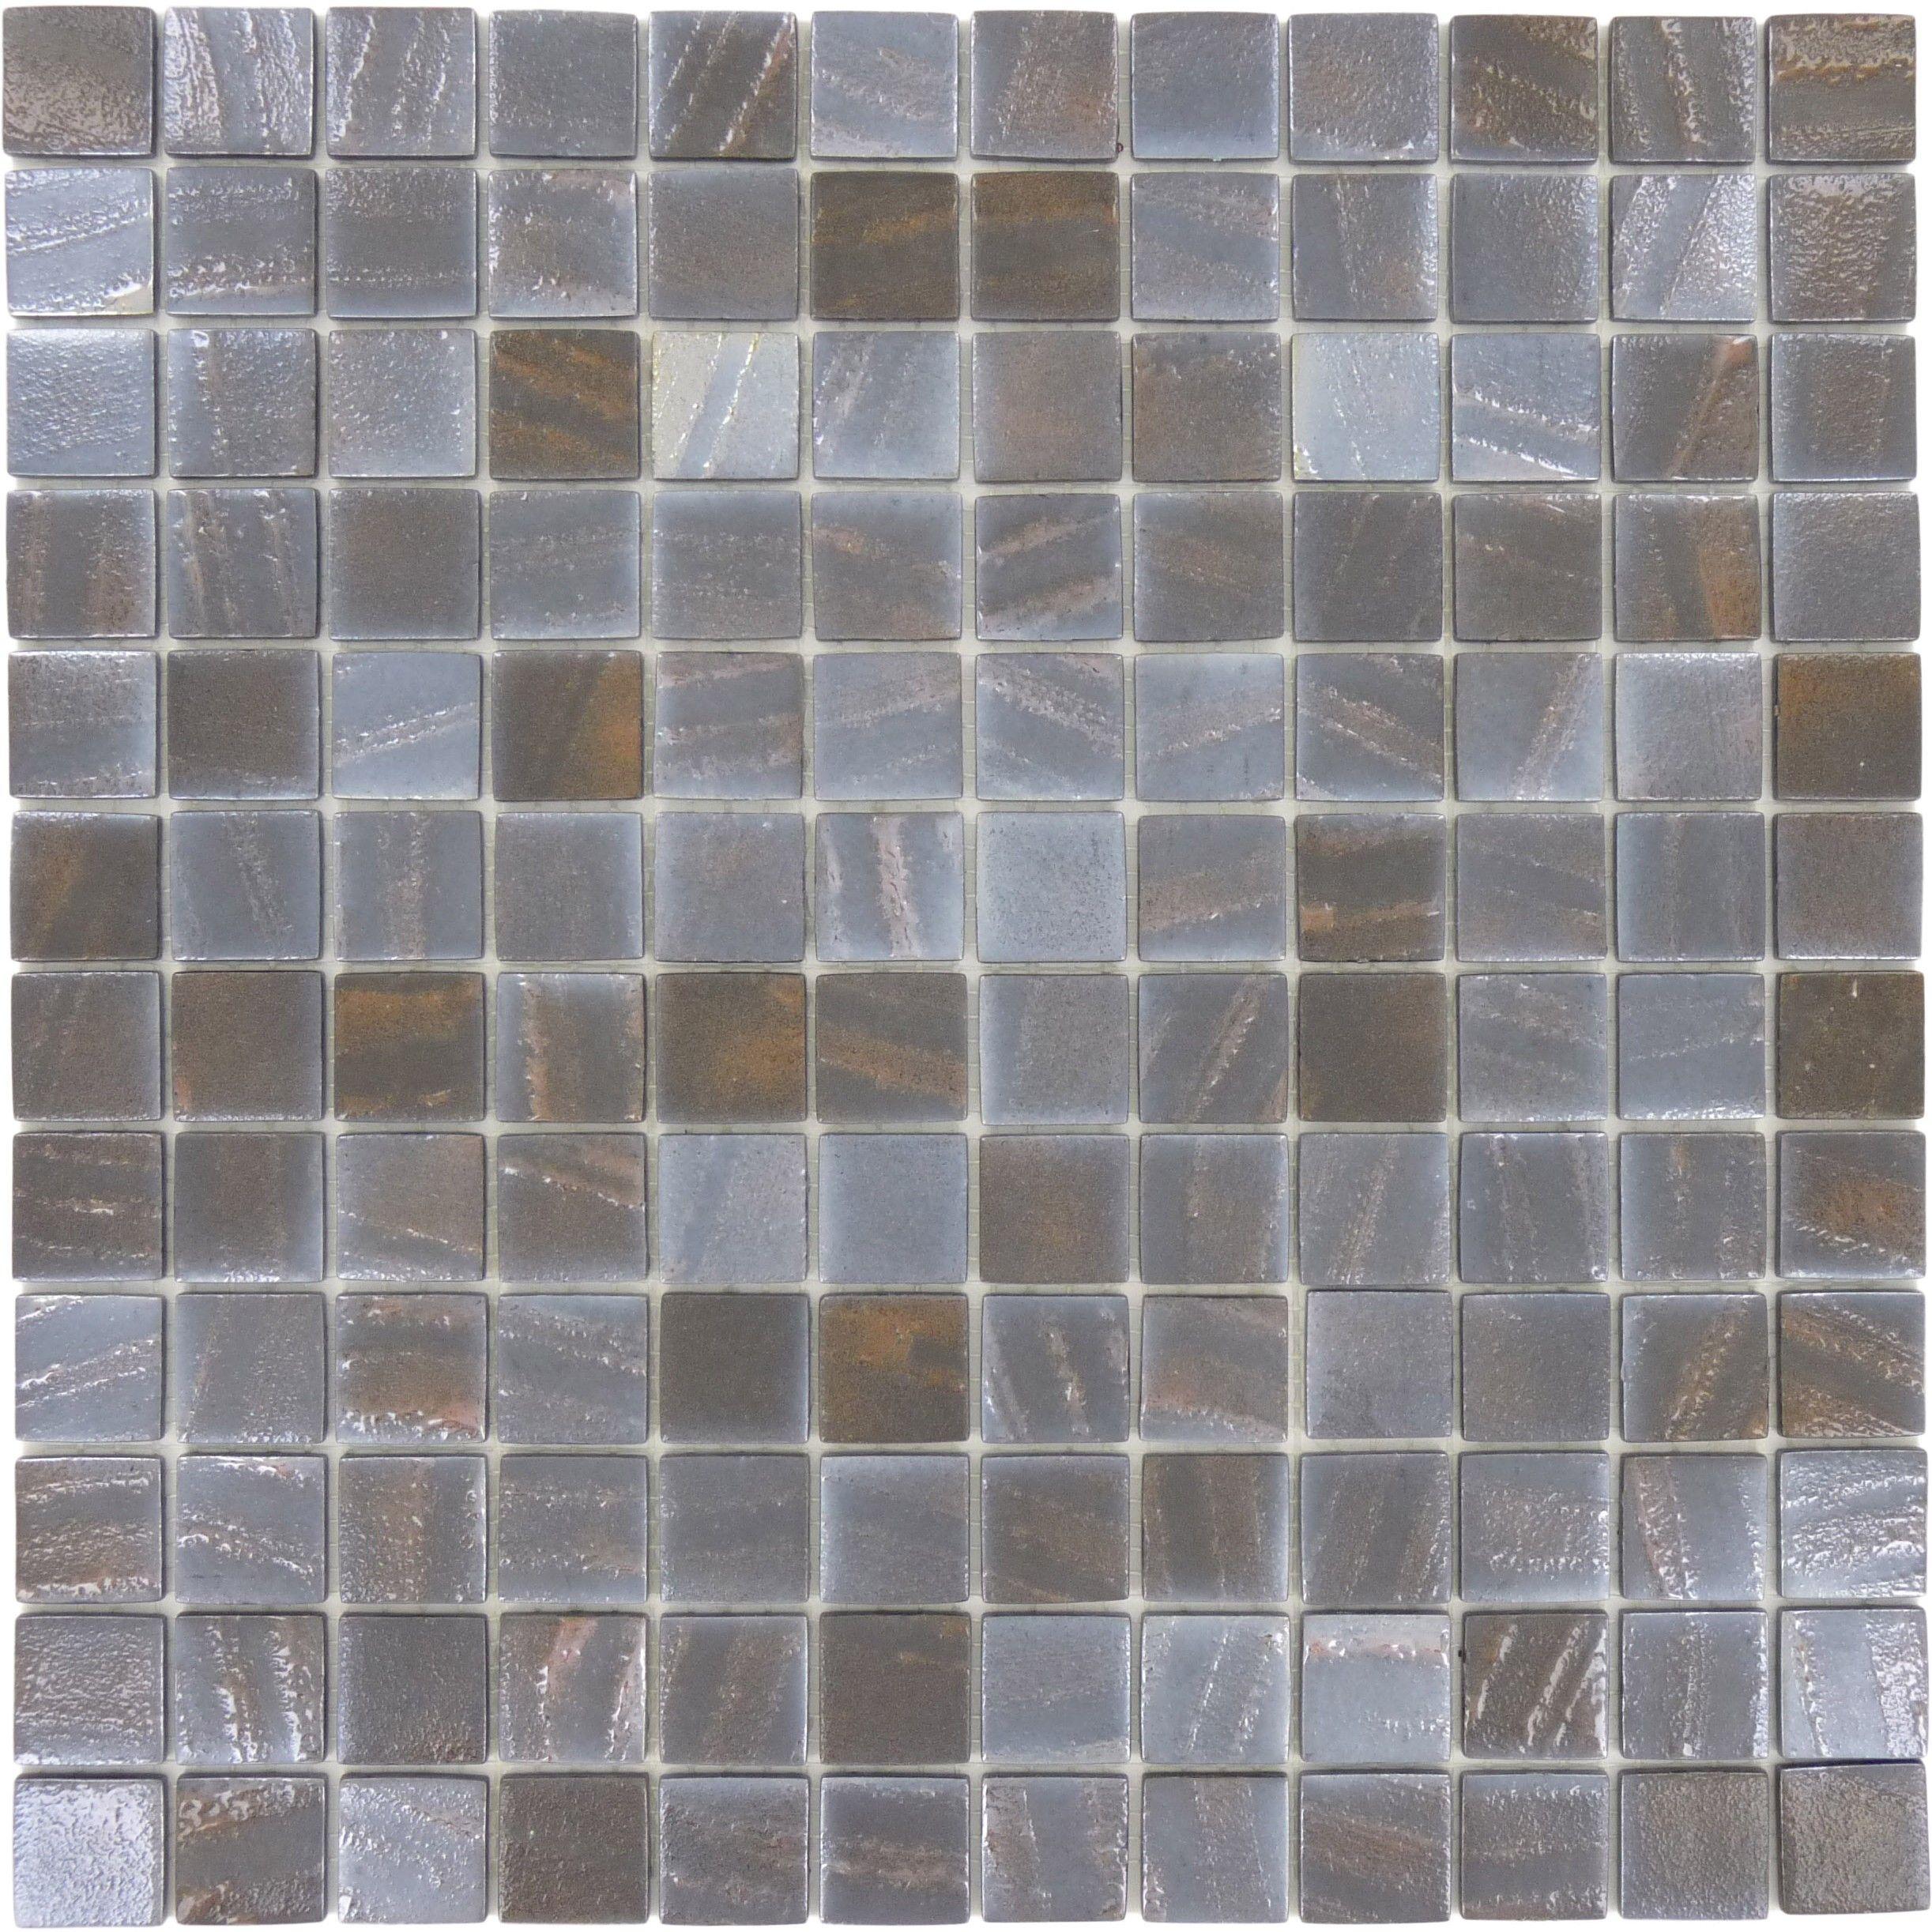 Sheet Size 12 1 X2f 4 Quot X 12 1 X2f 4 Quot Tile Size 1 Quot X 1 Quot Tiles Per Sheet 144 Til Glass Tile Recycled Glass Tile Square Tile